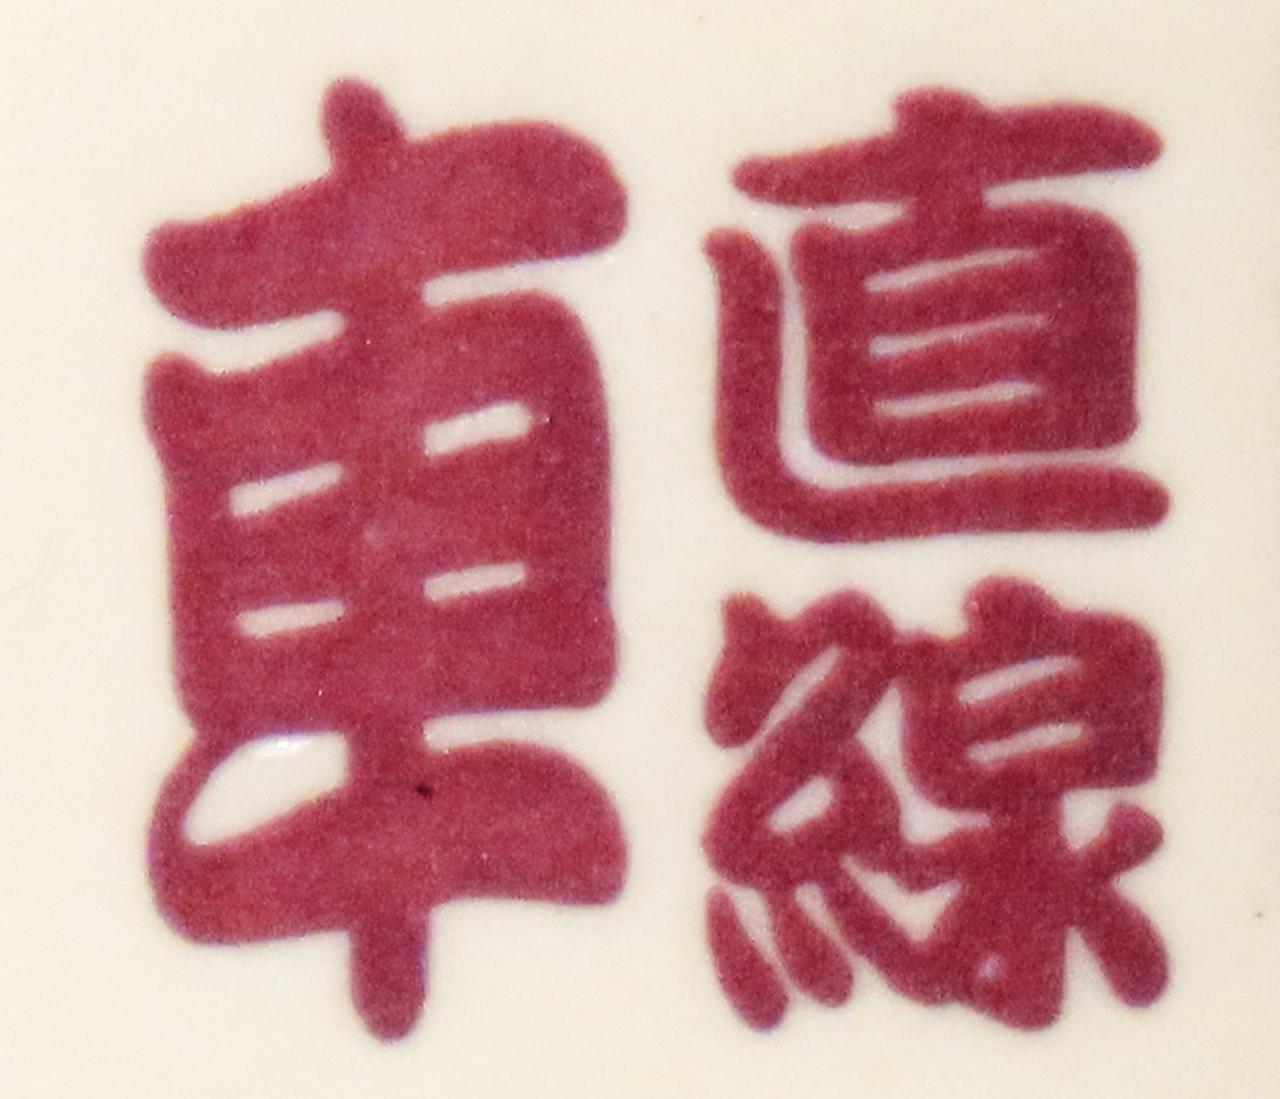 画像5: スズキ「湯呑」の2020年モデルはハイグリップ化に成功!? 創作漢字クイズもあるよ!【スズキ アルティメットクイズ③/難易度☆☆】